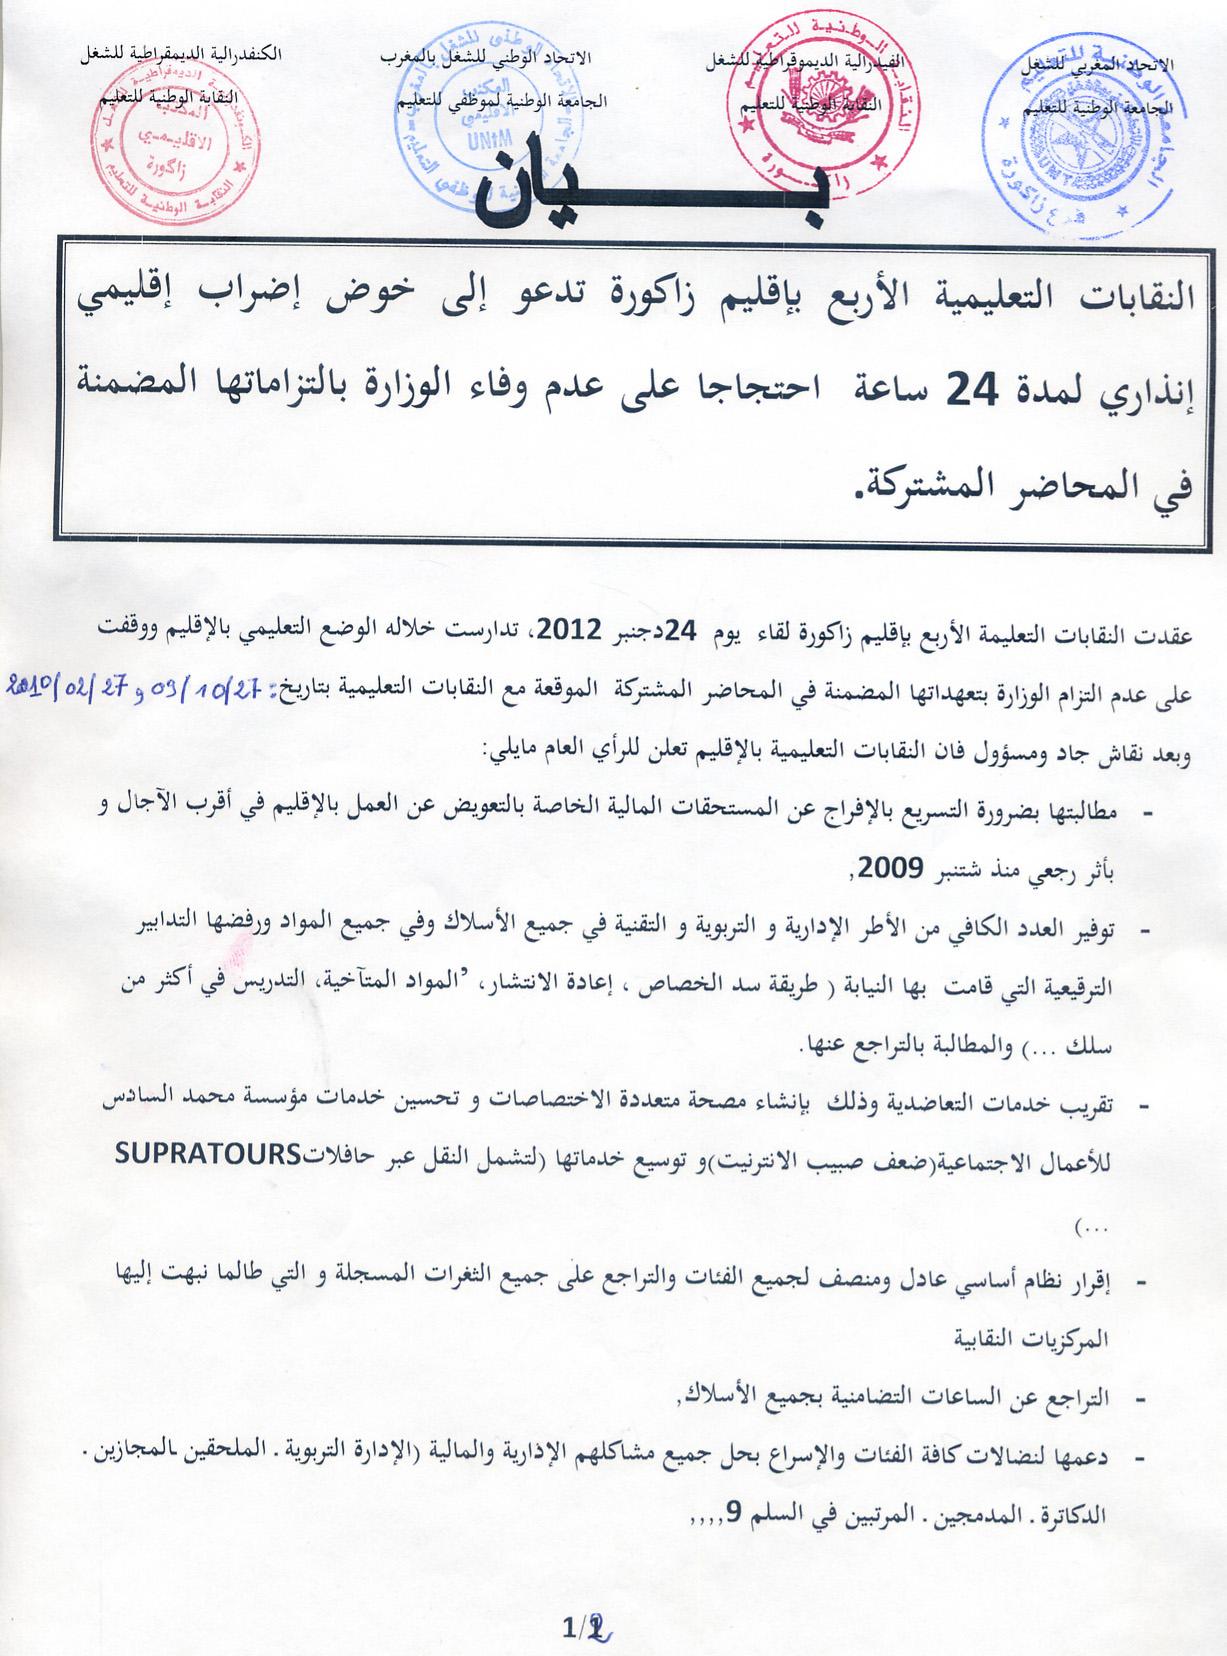 النقابات التعليمية الأربع بزاكورة تخوض إضرابا لمدة 24 ساعة يوم الخميس المقبل